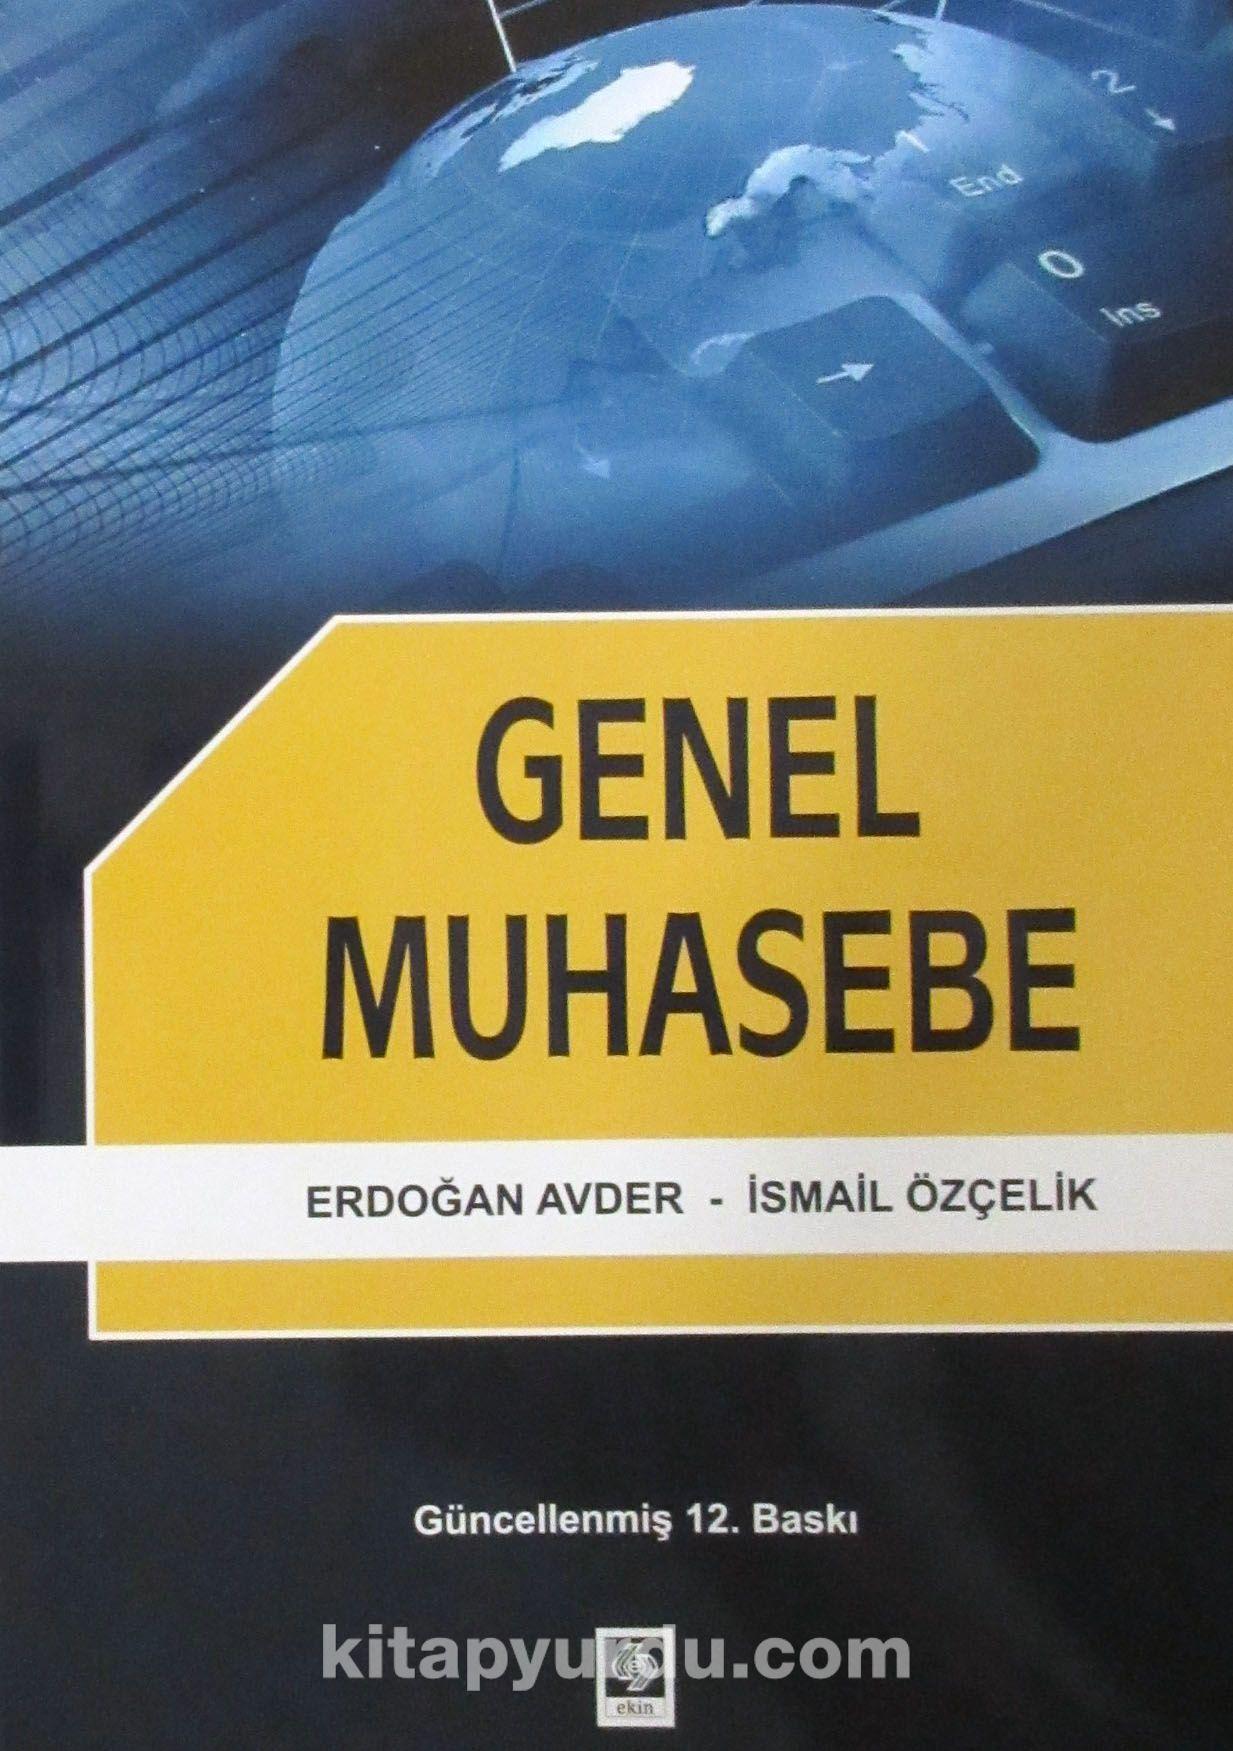 Genel Muhasebe / Erdoğan Avder-İsmail Özçelik